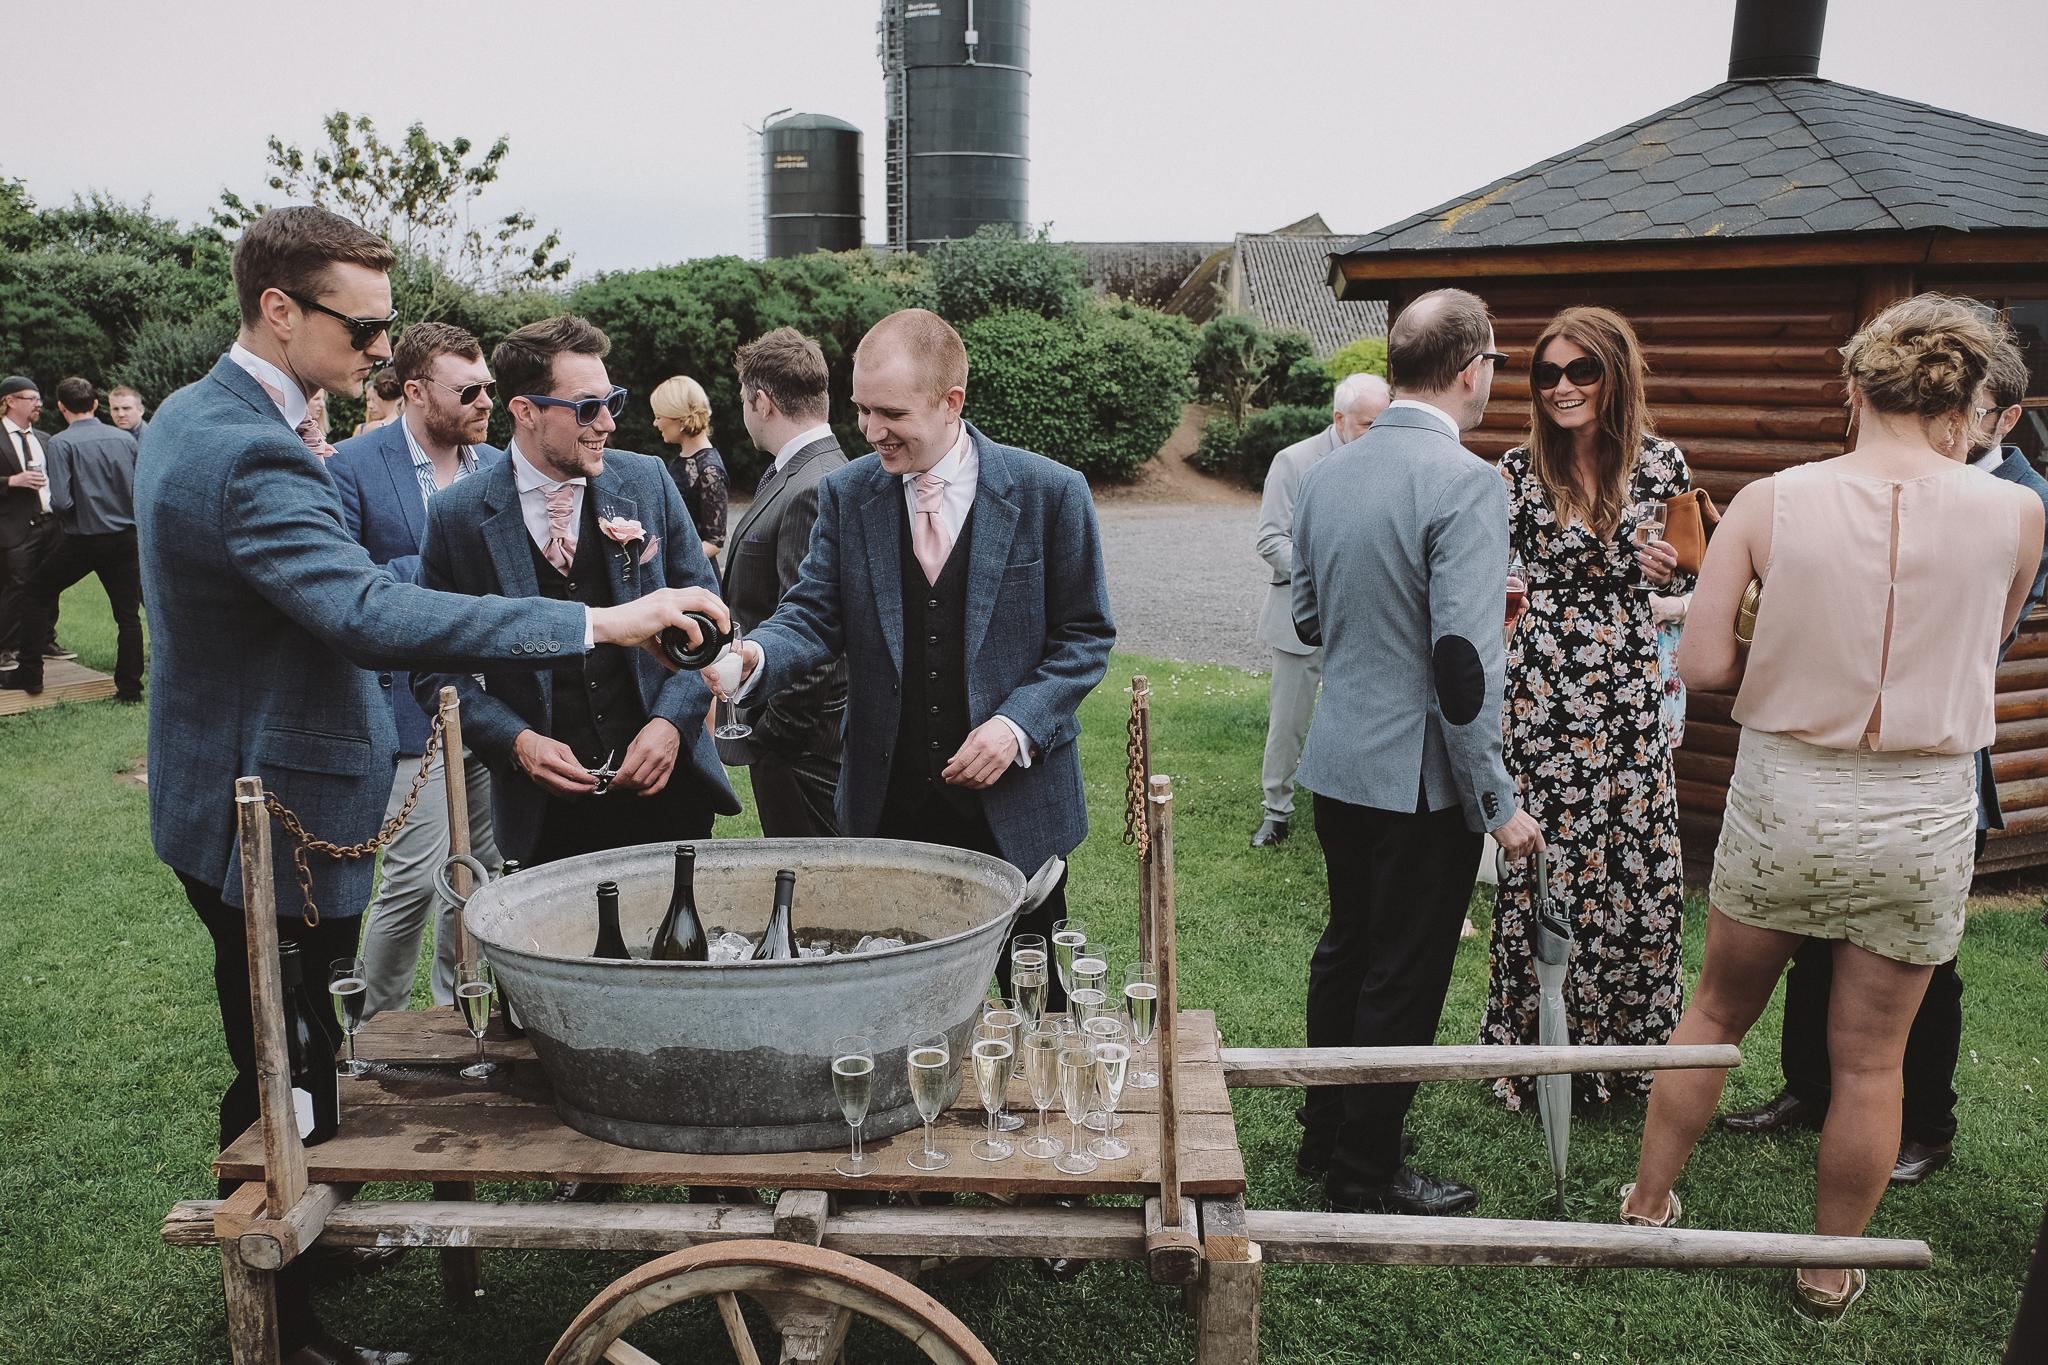 Groomsmen get beer from giant bucket at an outdoor wedding ceremony